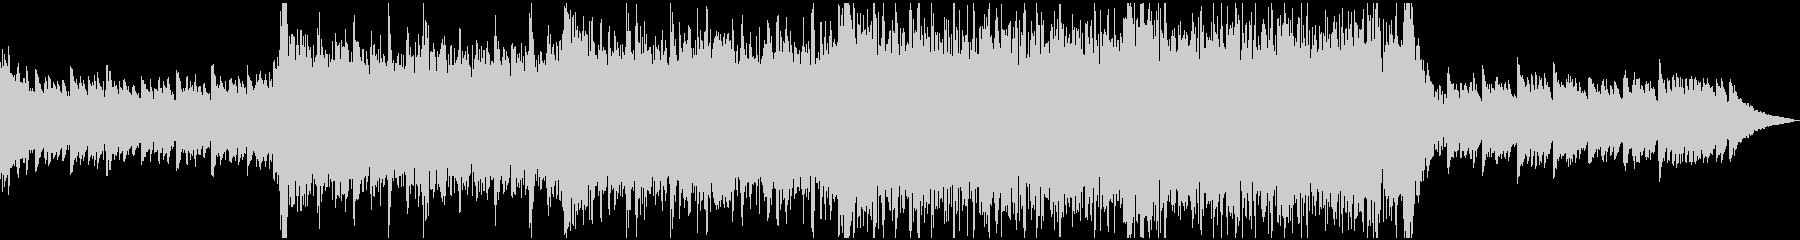 現代的 交響曲 クラシック プログ...の未再生の波形